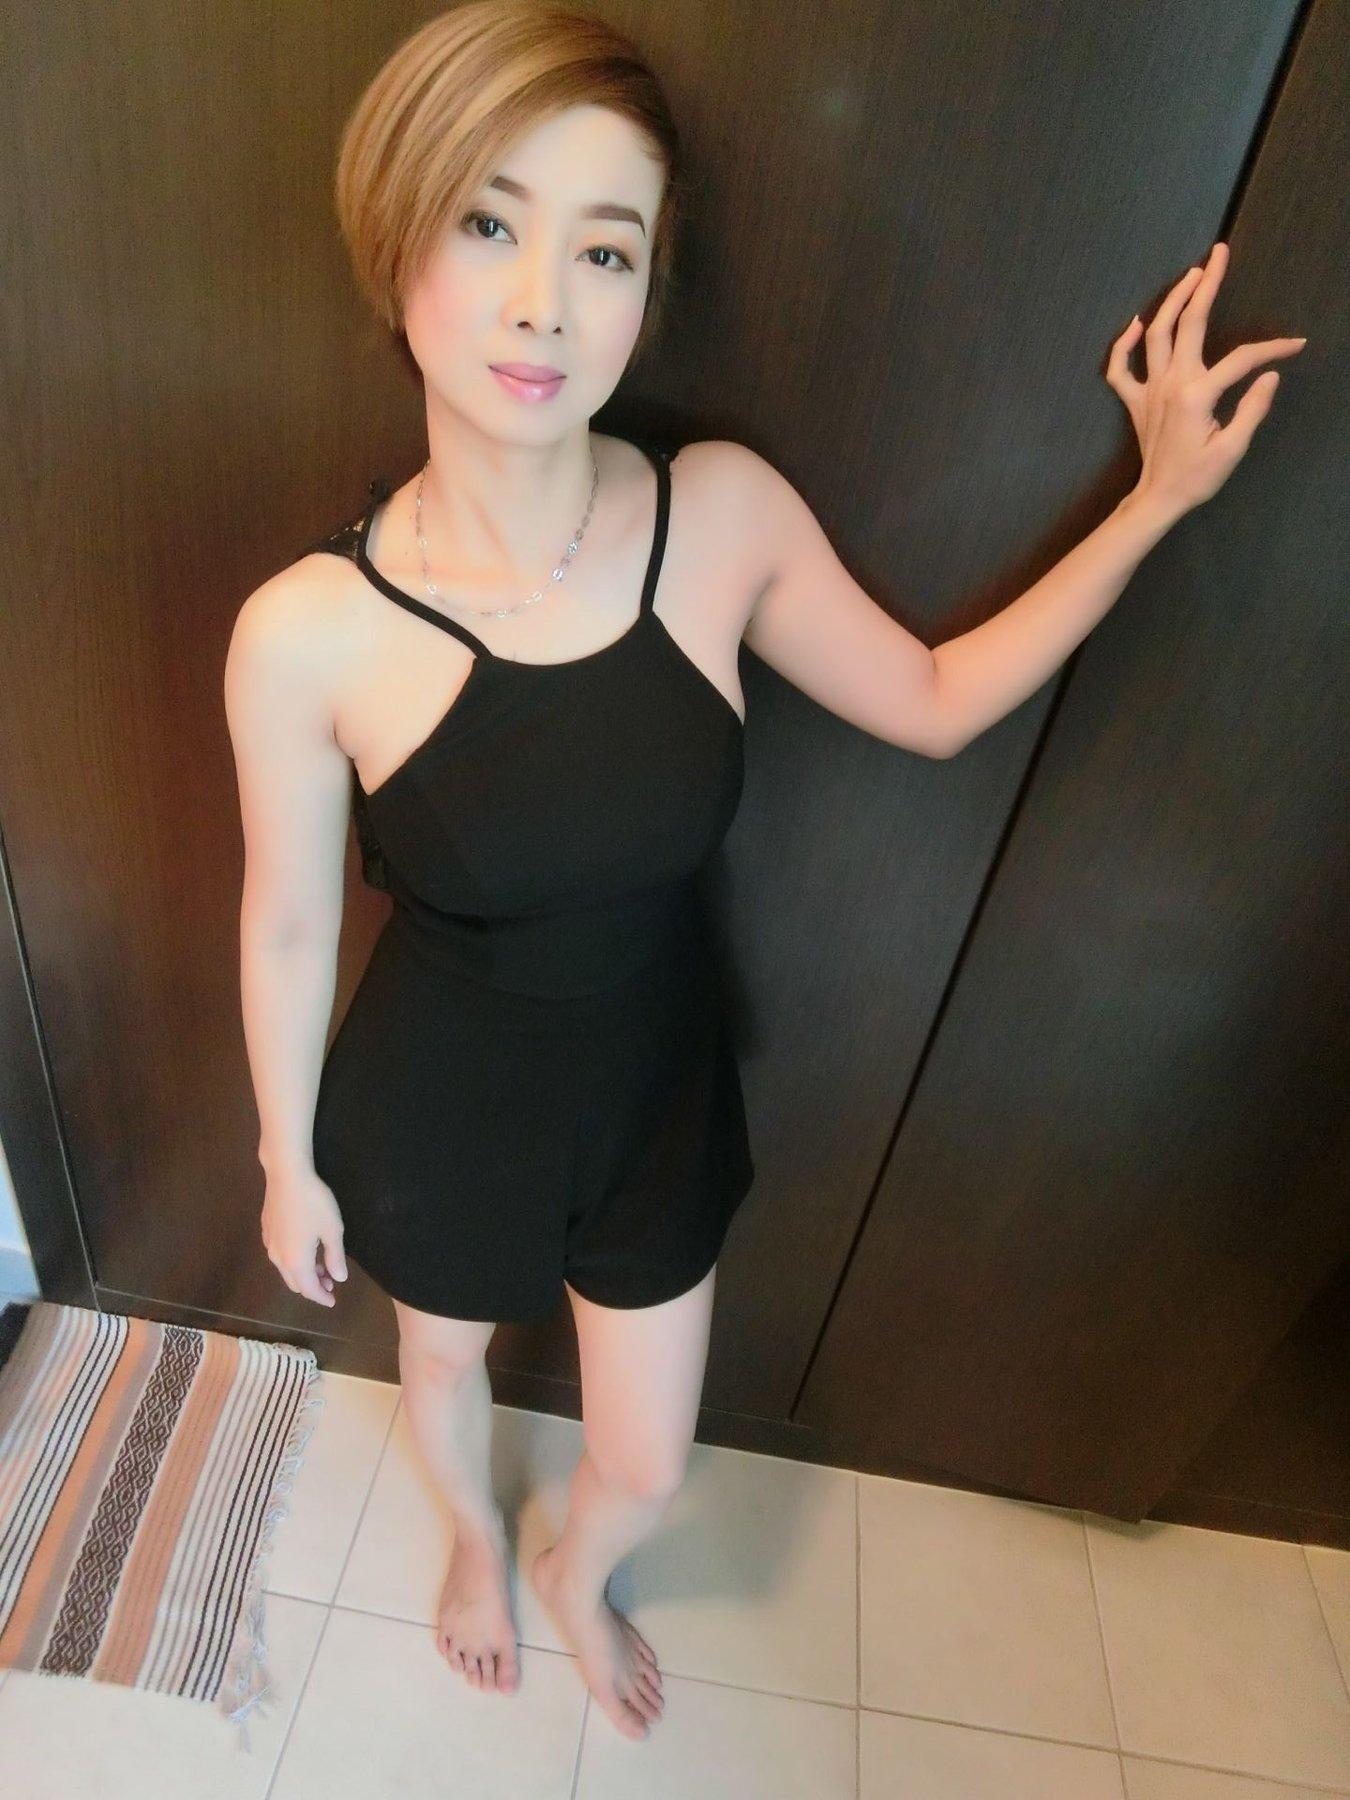 Skinny escorts